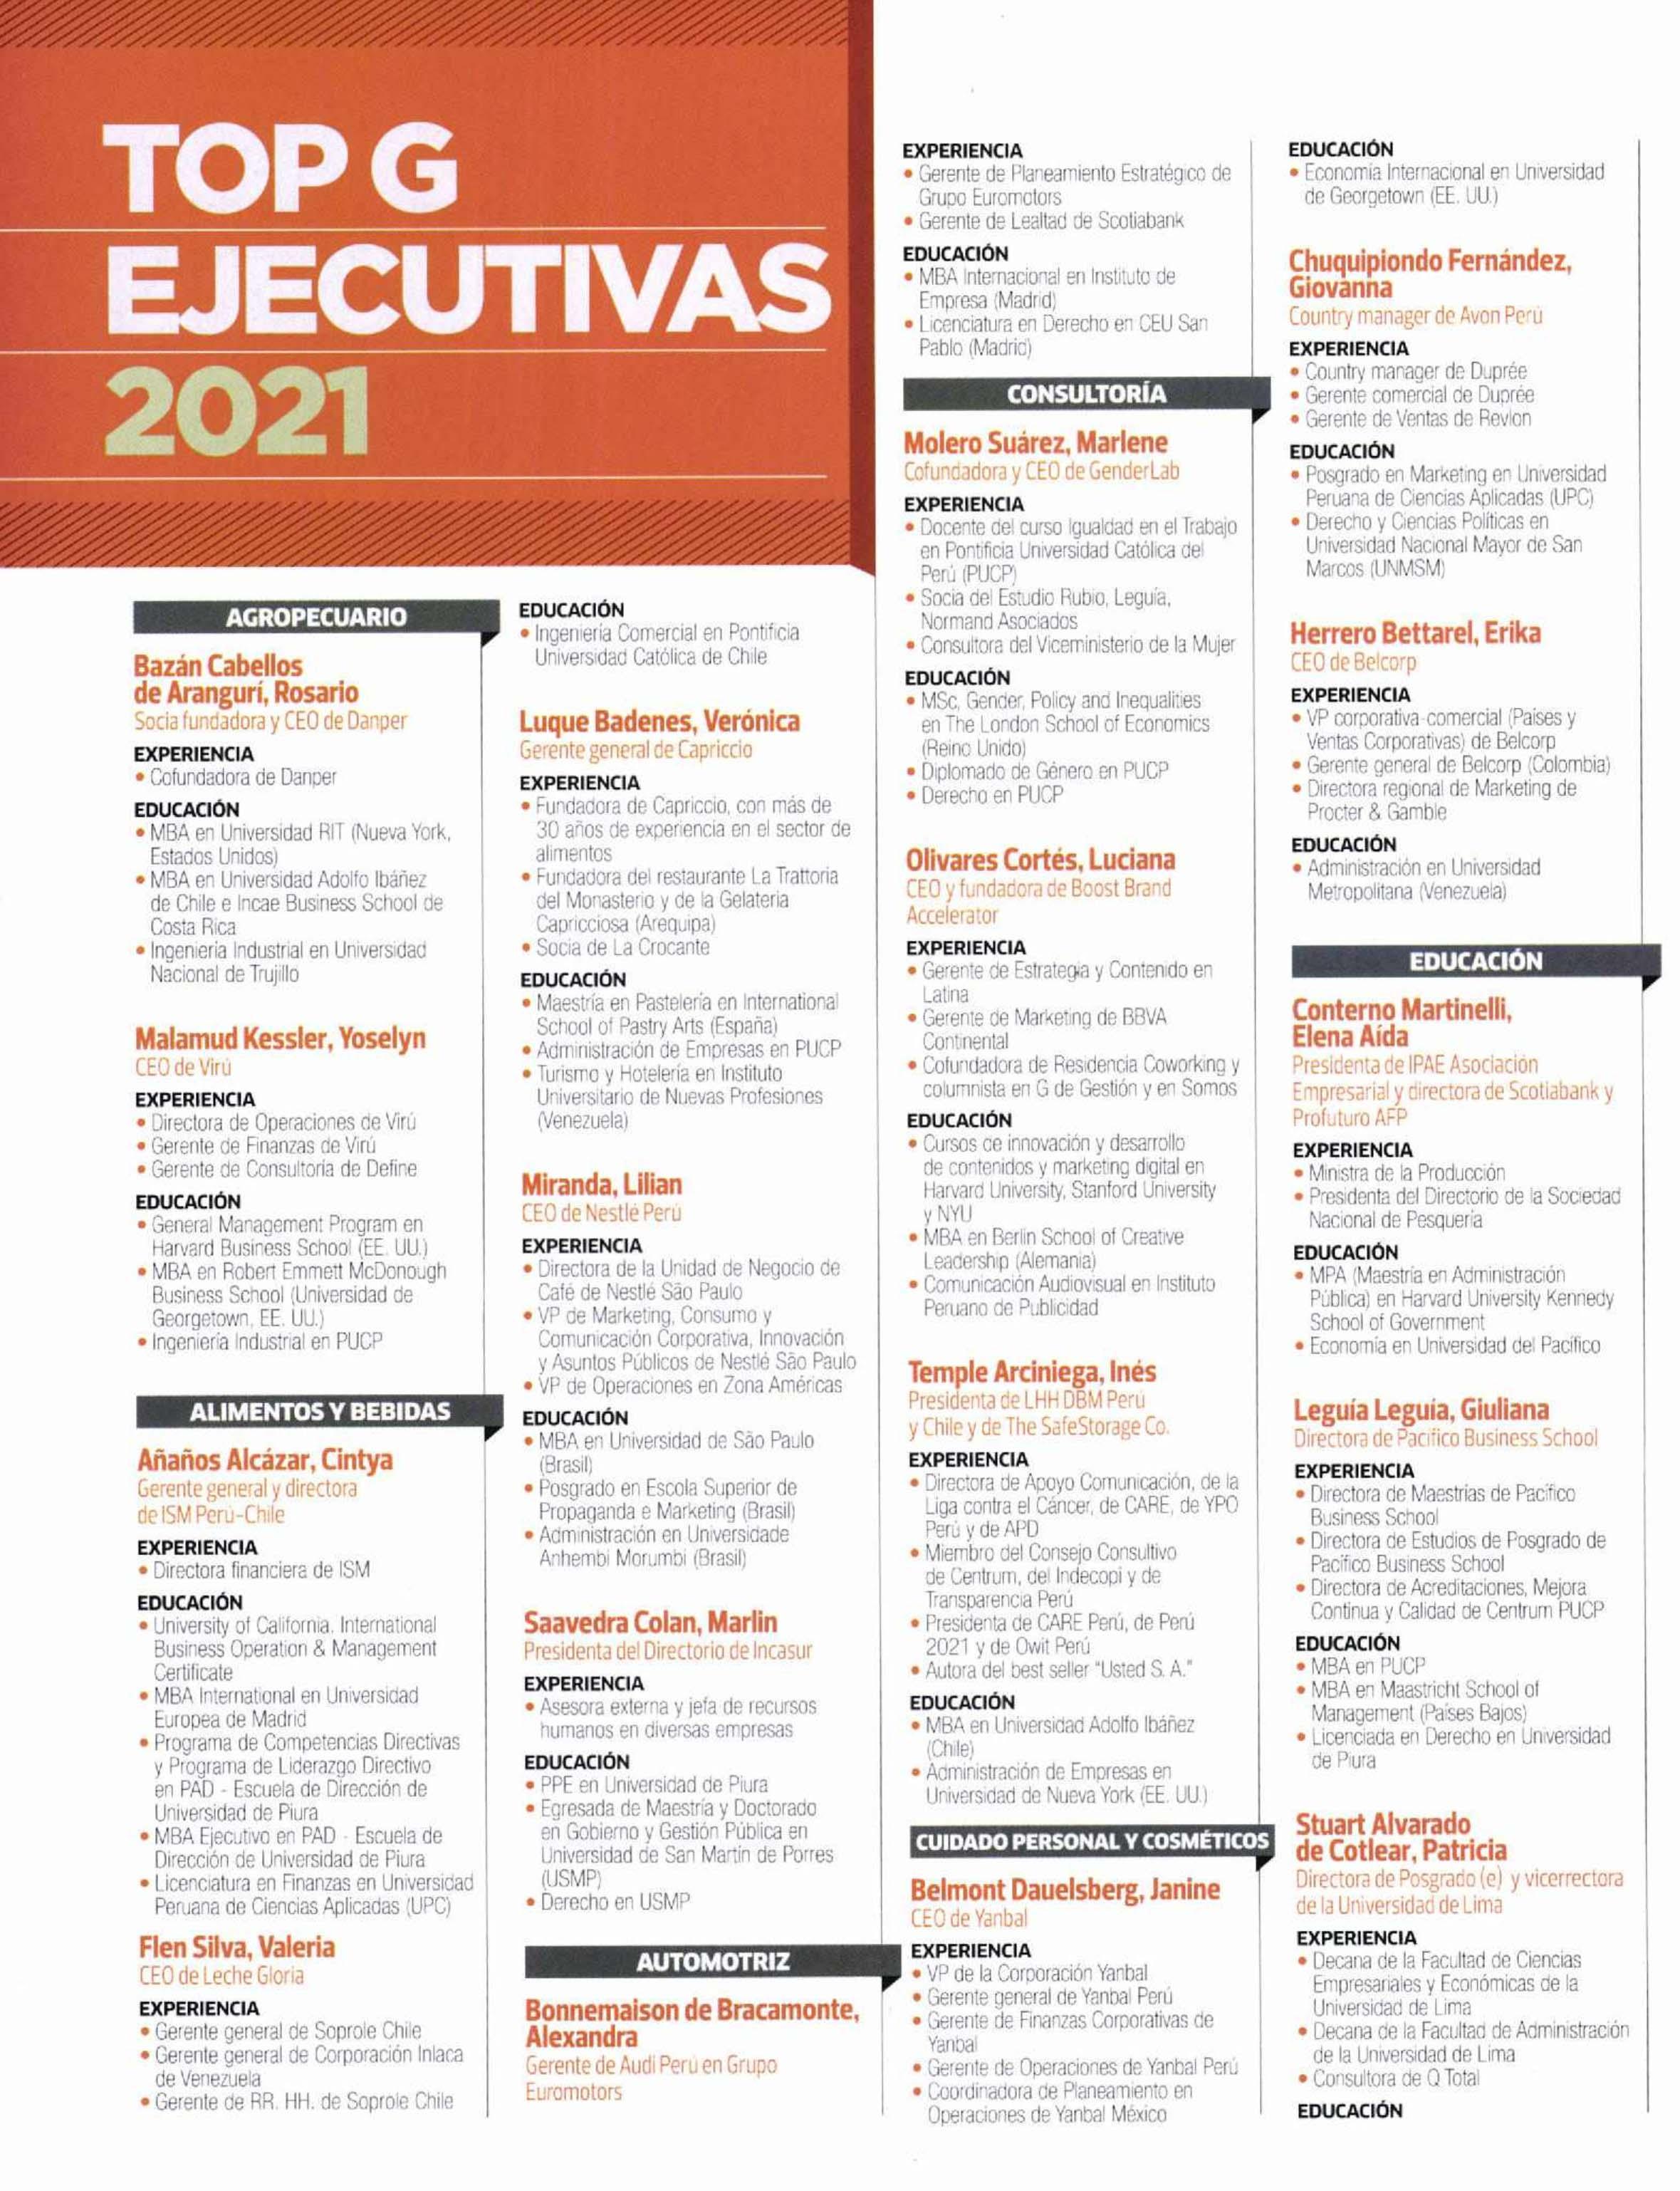 Inés Temple en el Top G Ejecutivas 2021 1 |  Administrador | 8 marzo, 2021 | LHH DBM Perú